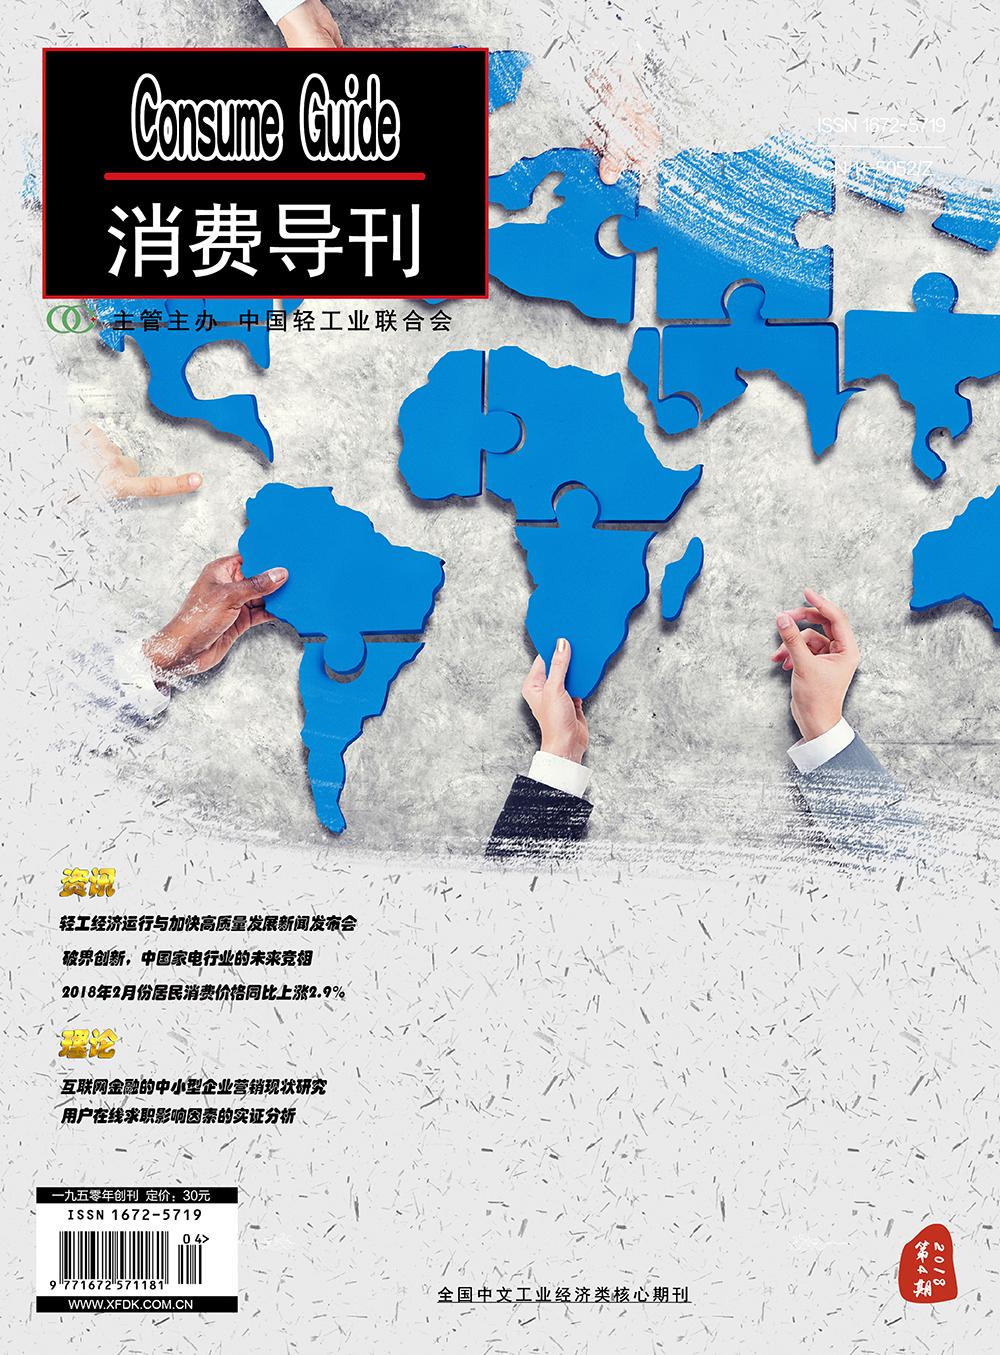 消费导刊2018年第4期